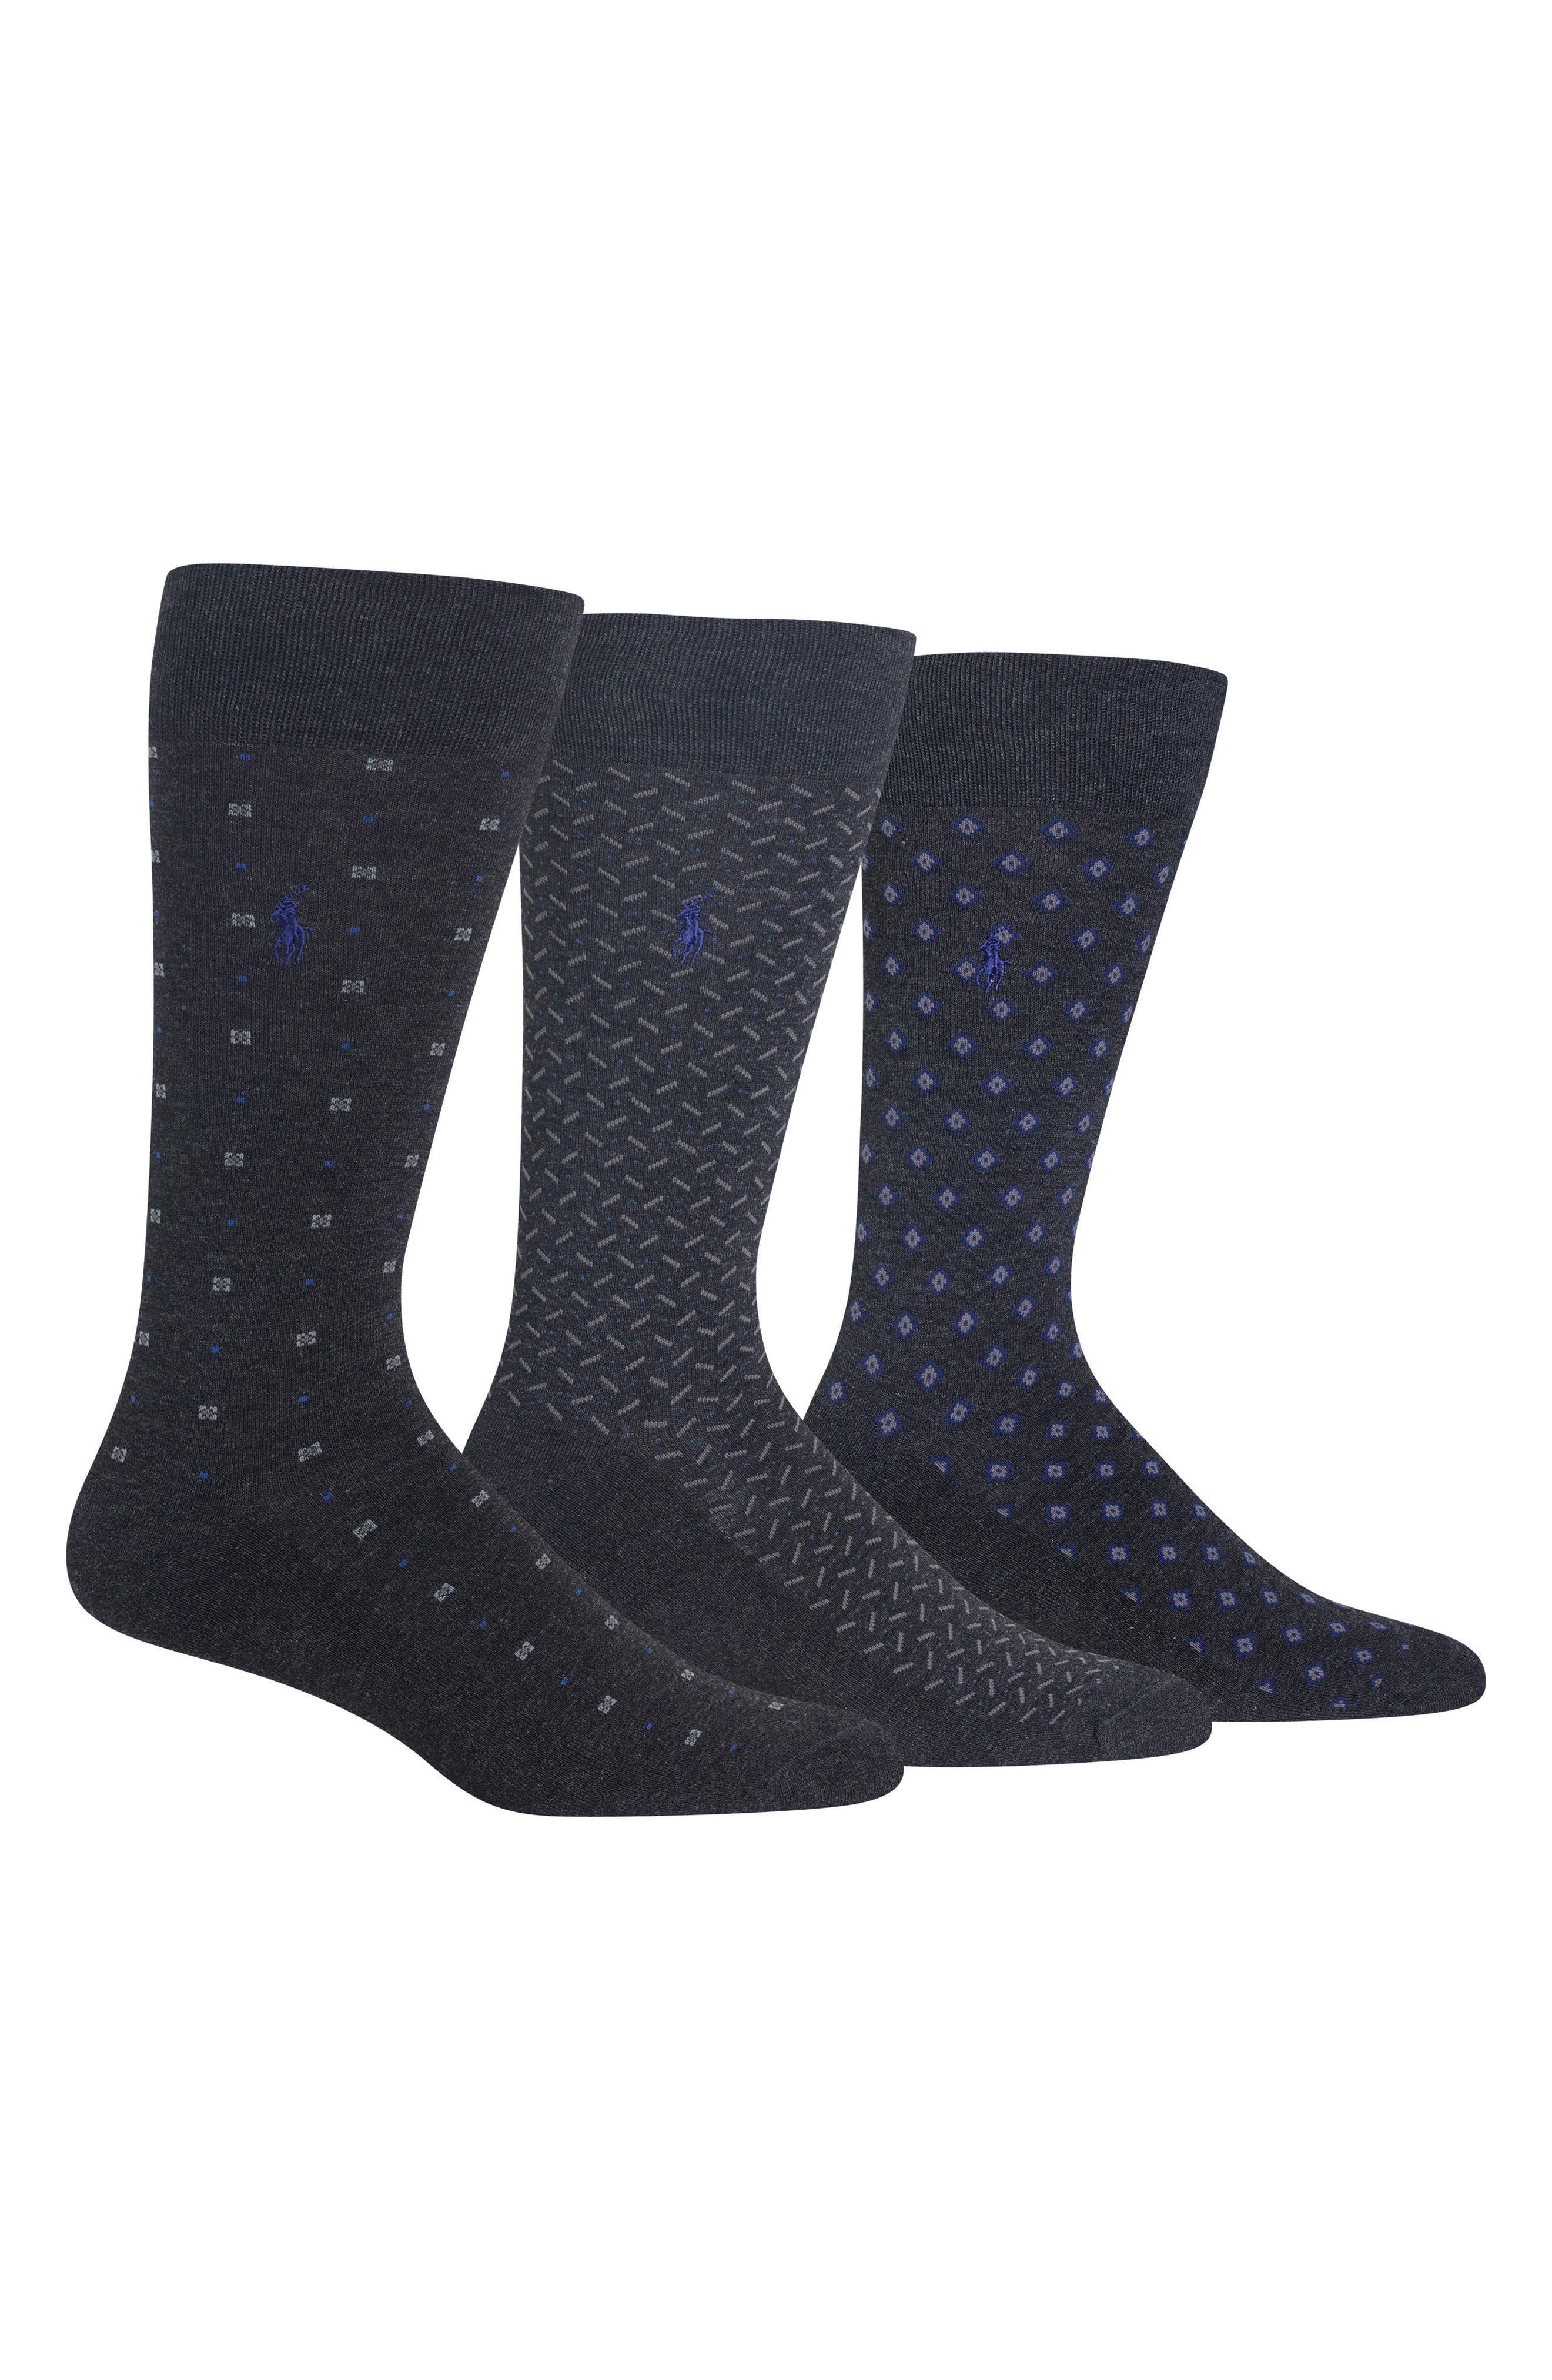 Alternate Image 1 Selected - Polo Ralph Lauren 3-Pack Performance Socks